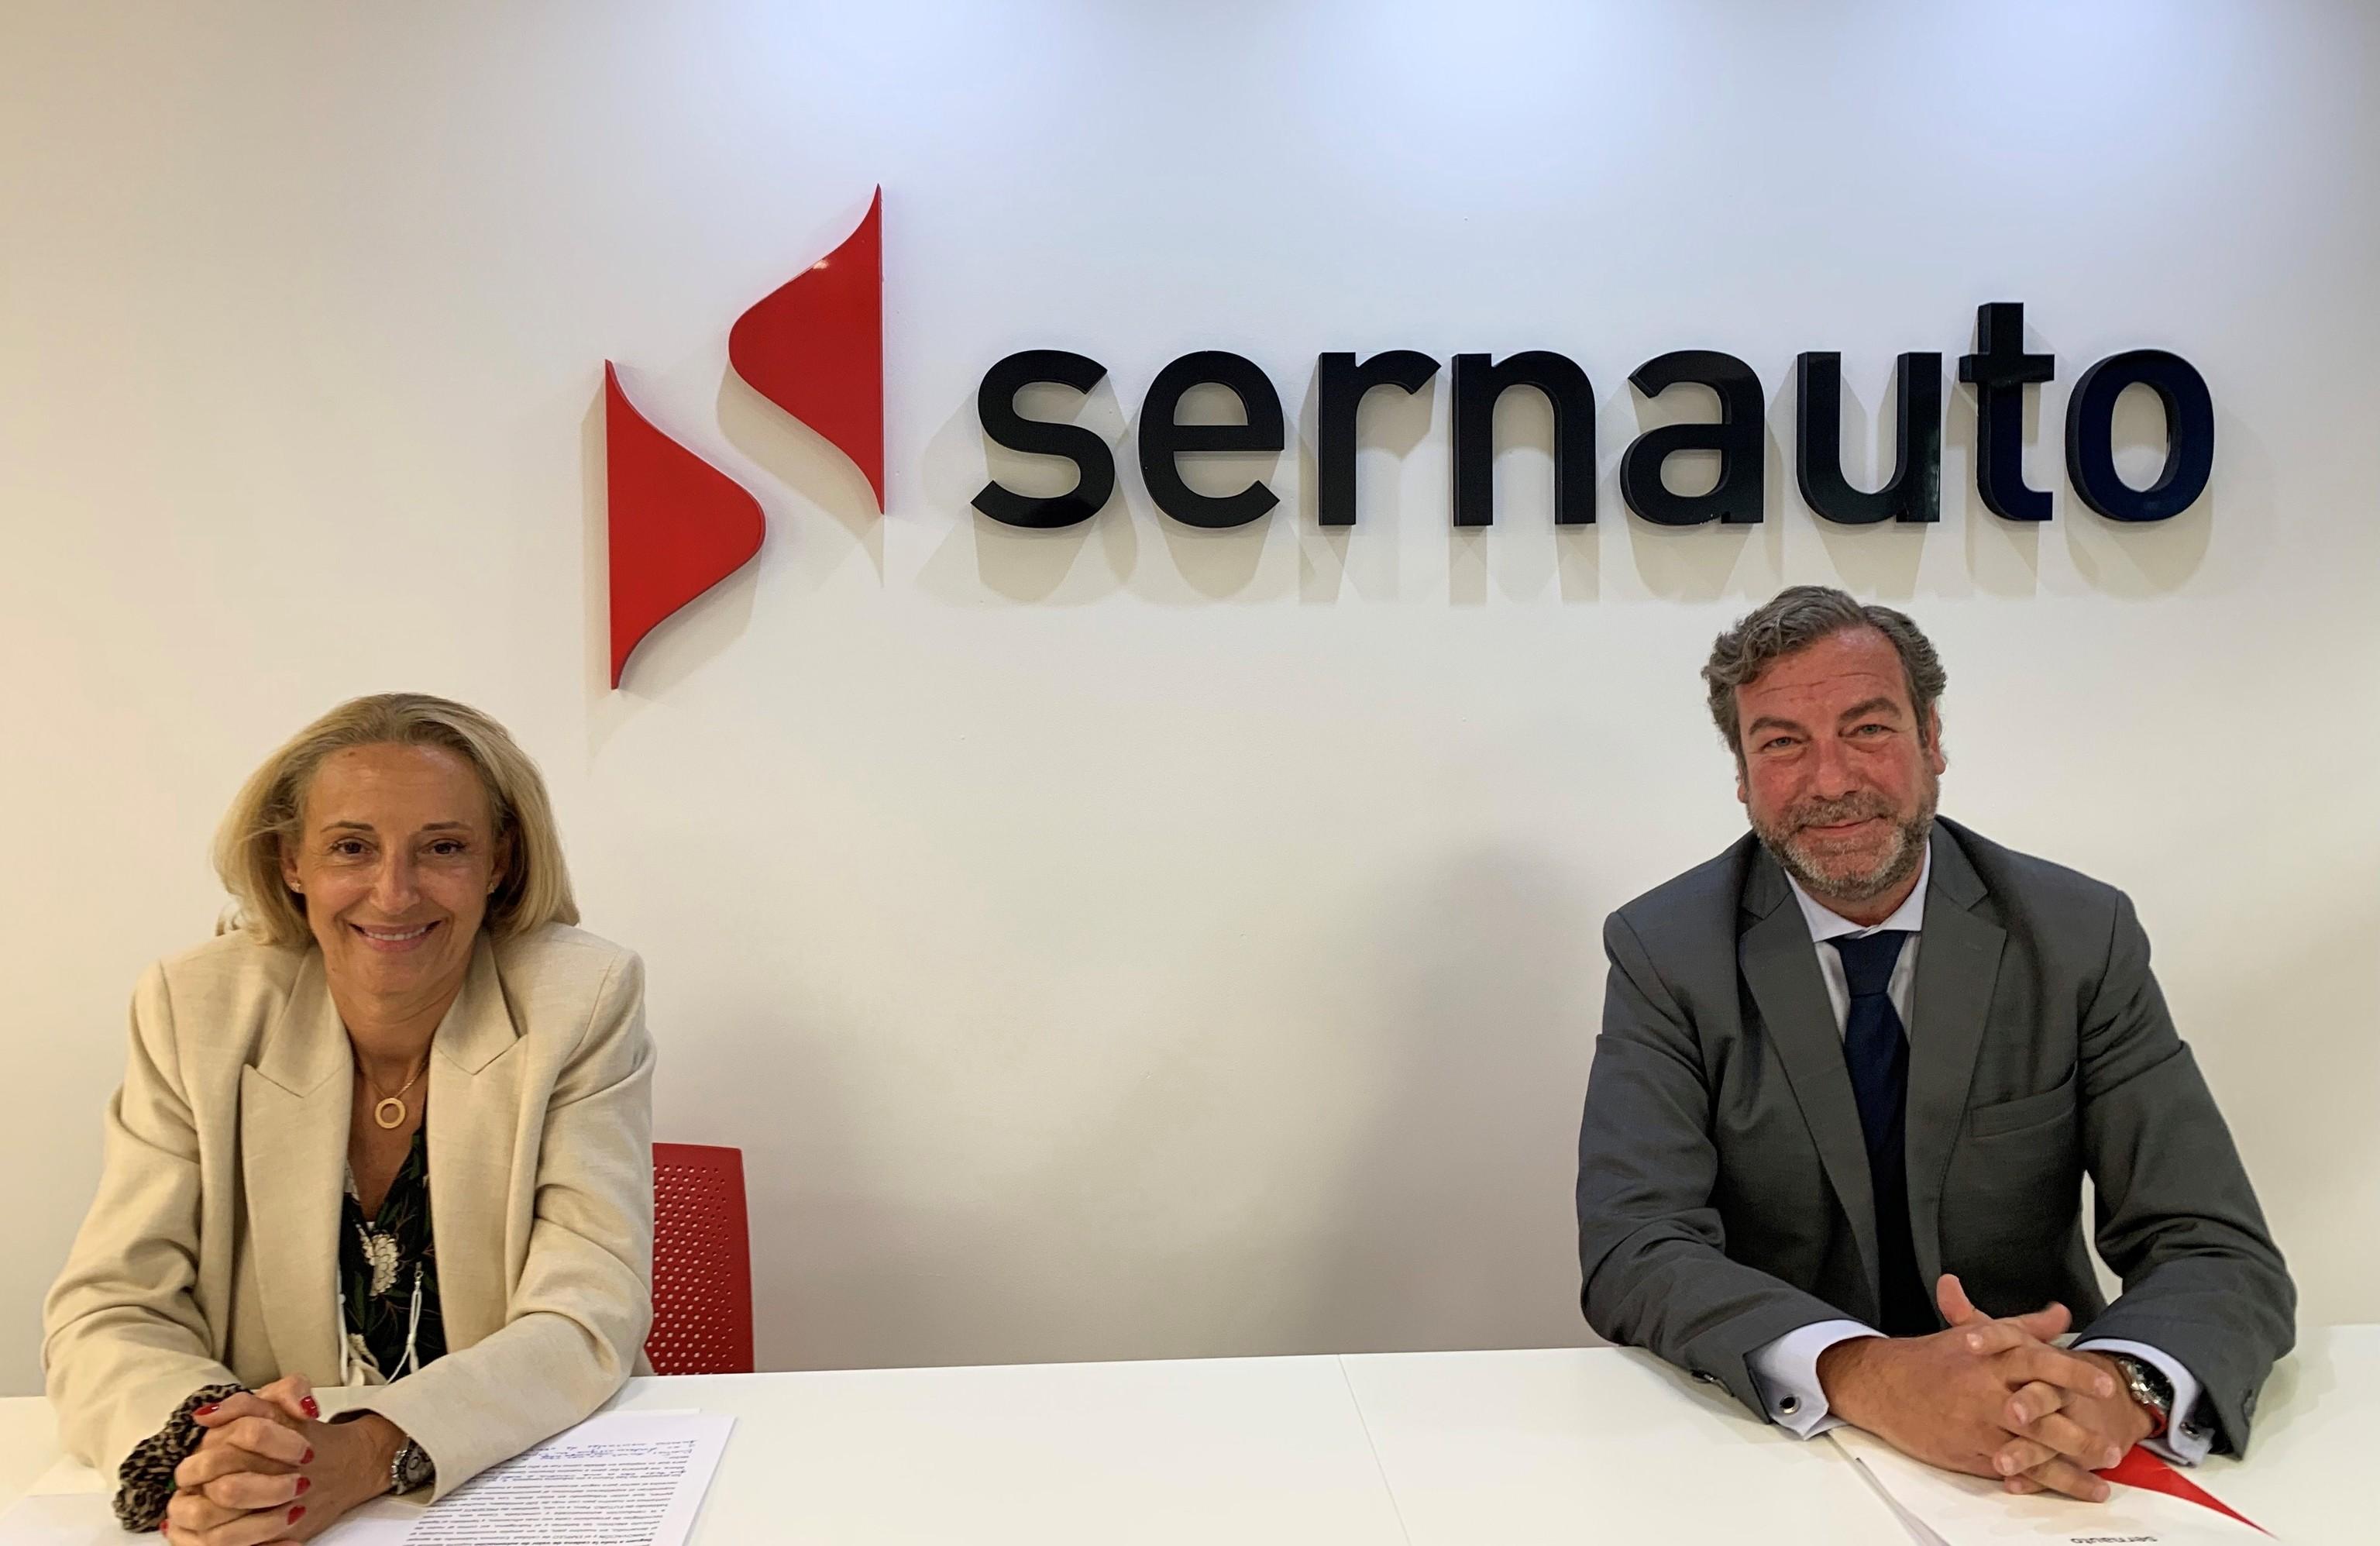 María Helena Antolín y José Portilla, presidenta y director general de Sernauto, respectivamente.